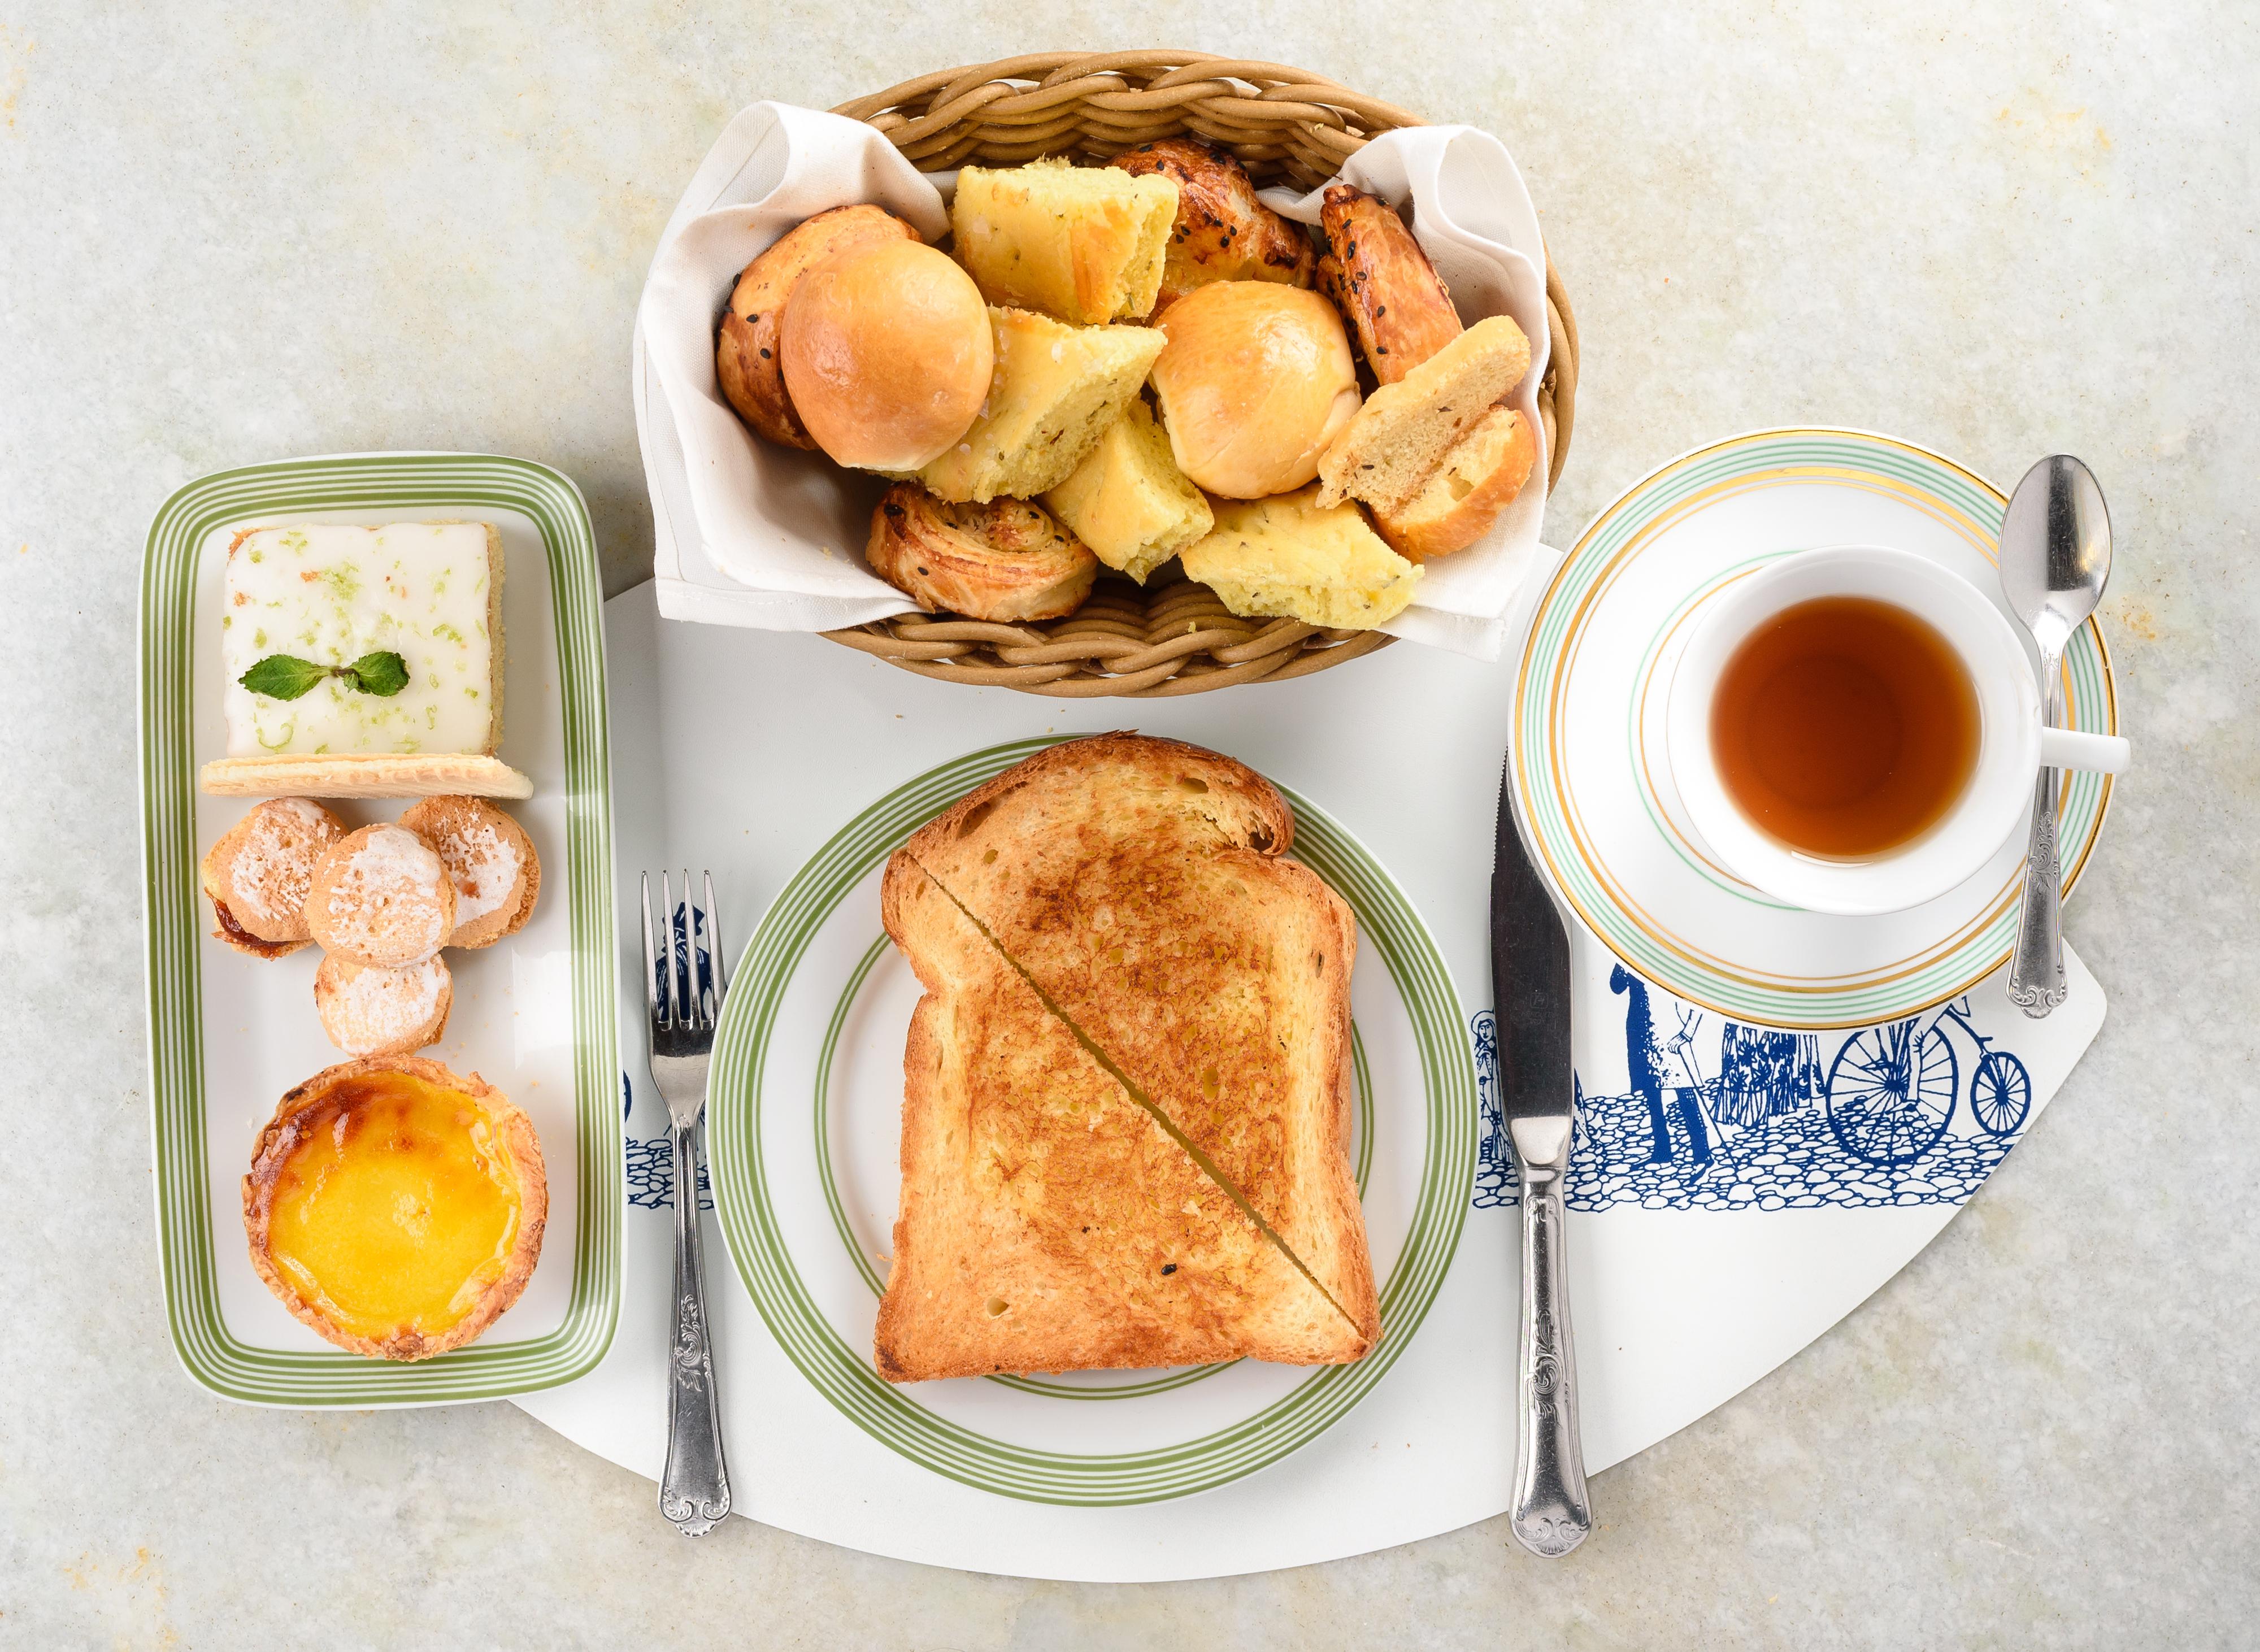 O chá das cinco mais tradicional do Rio chega ao Grand Hyatt Rio de Janeiro